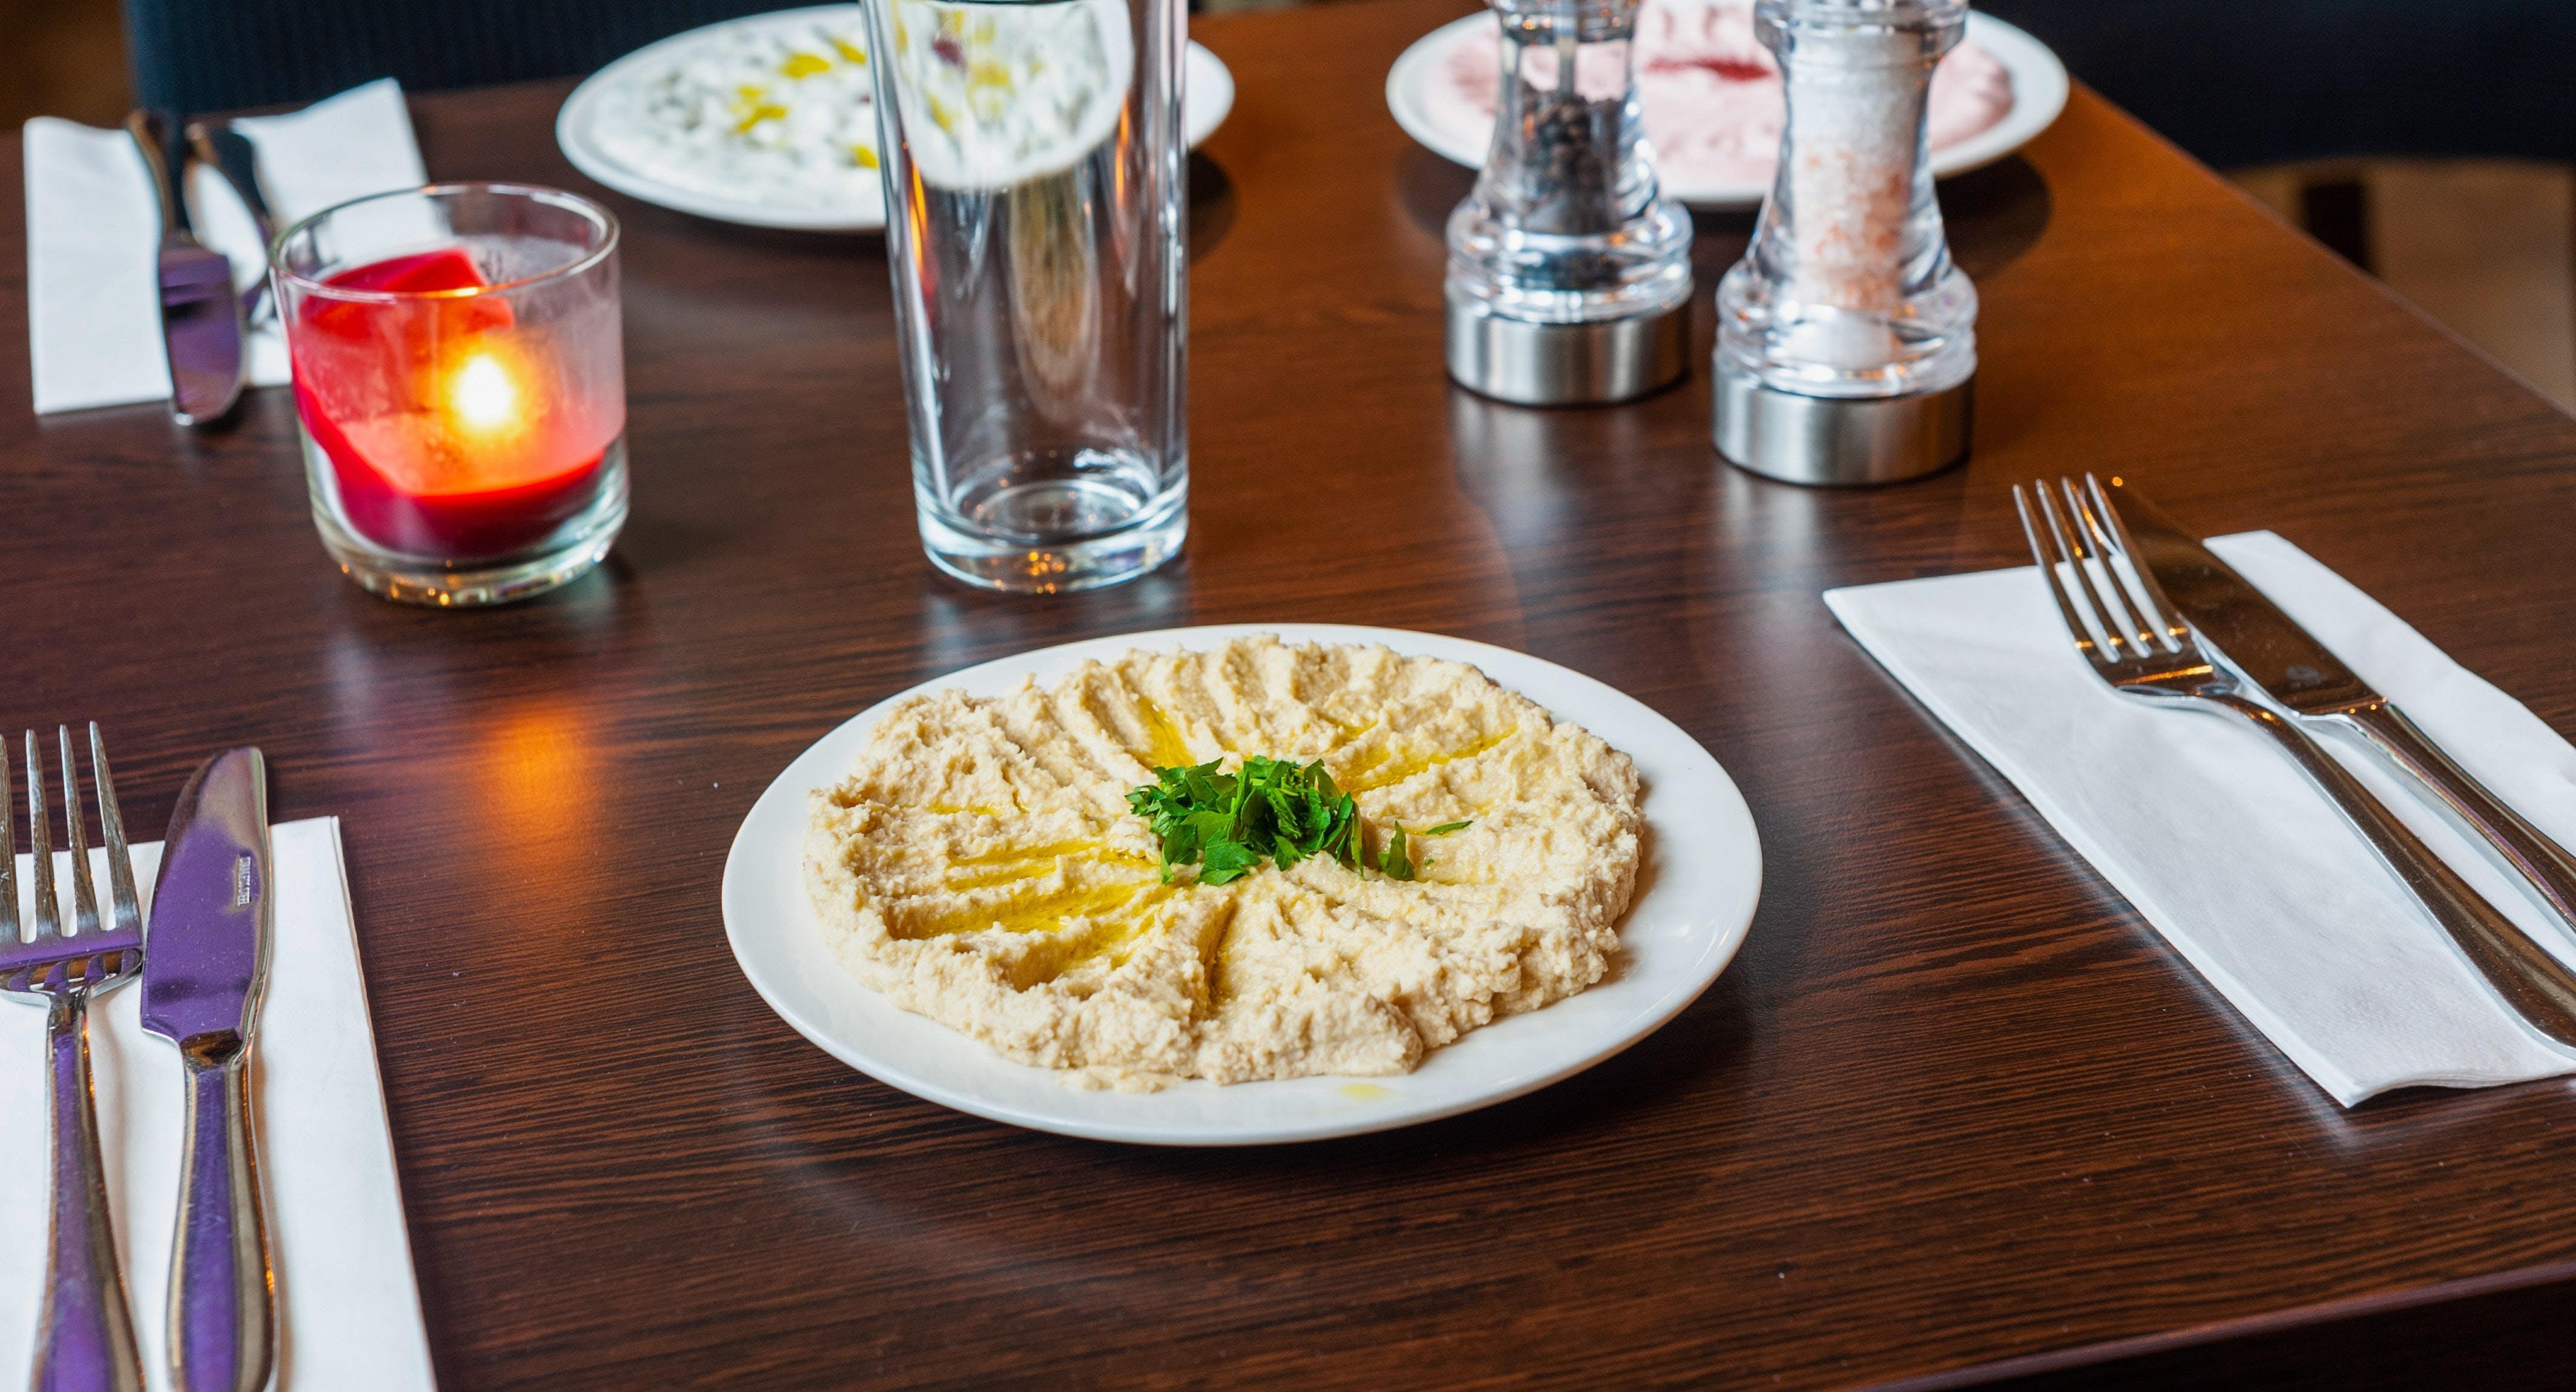 Mediterranean Kitchen Bar & Grill